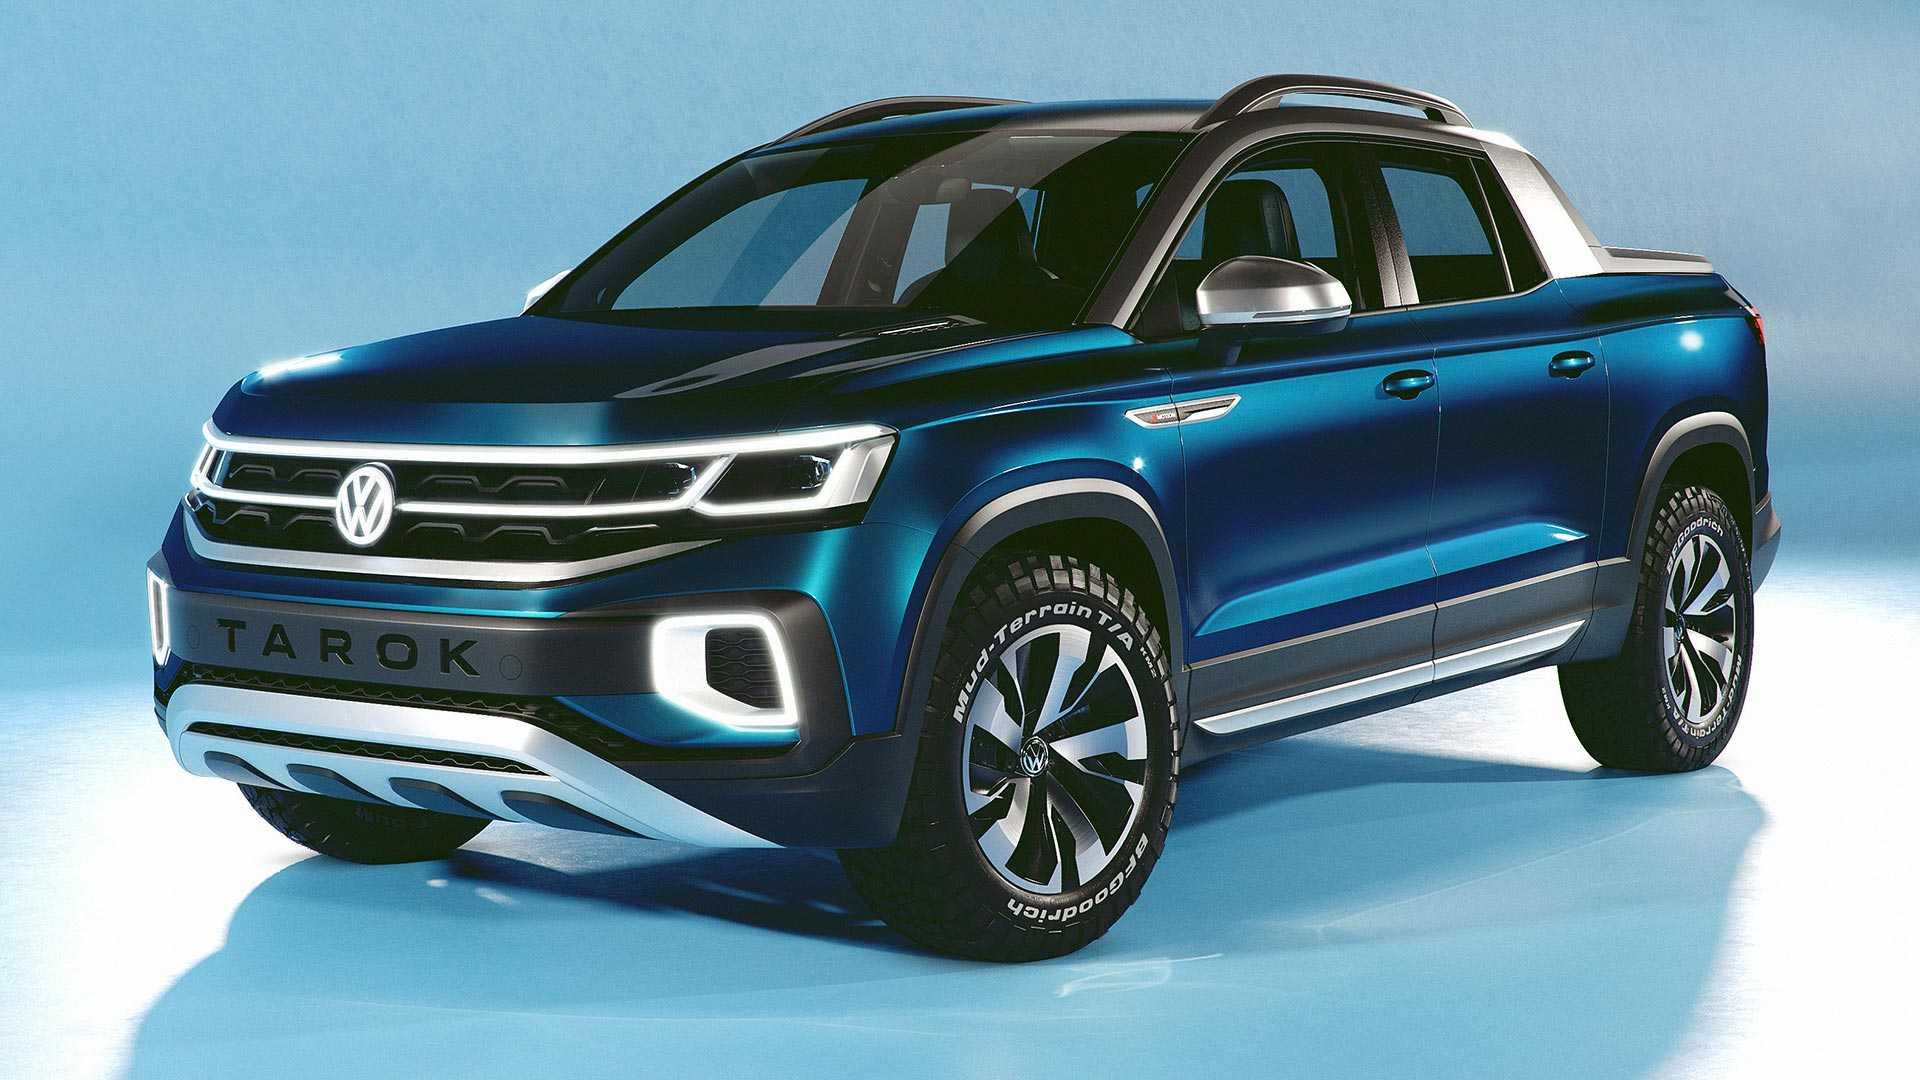 Volkswagen привёз концептуальный пикап Tarok в Нью-Йорк 1